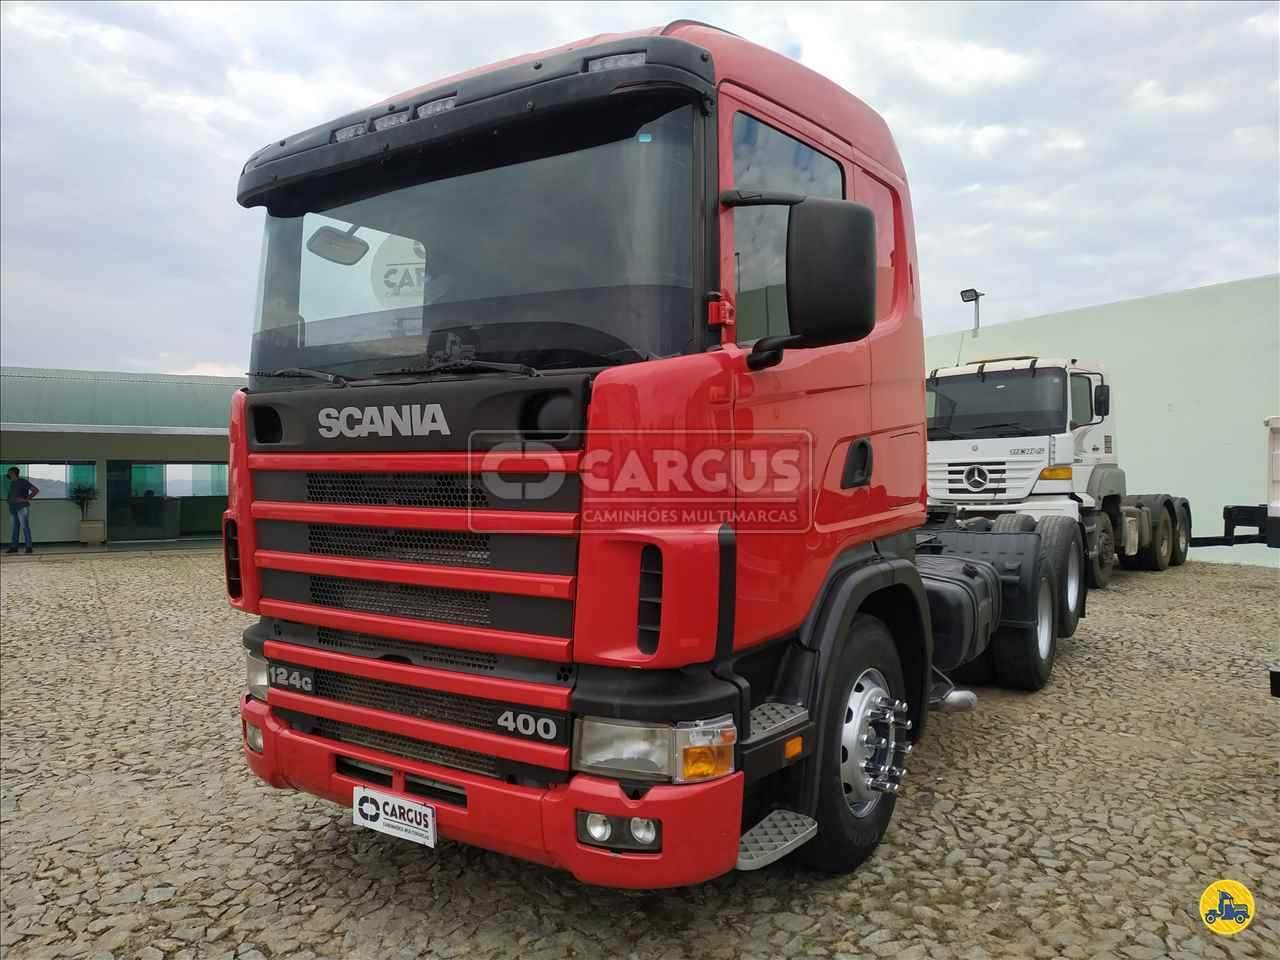 CAMINHAO SCANIA SCANIA 124 400 Cavalo Mecânico Truck 6x2 Cargus Veículos PARA DE MINAS MINAS GERAIS MG